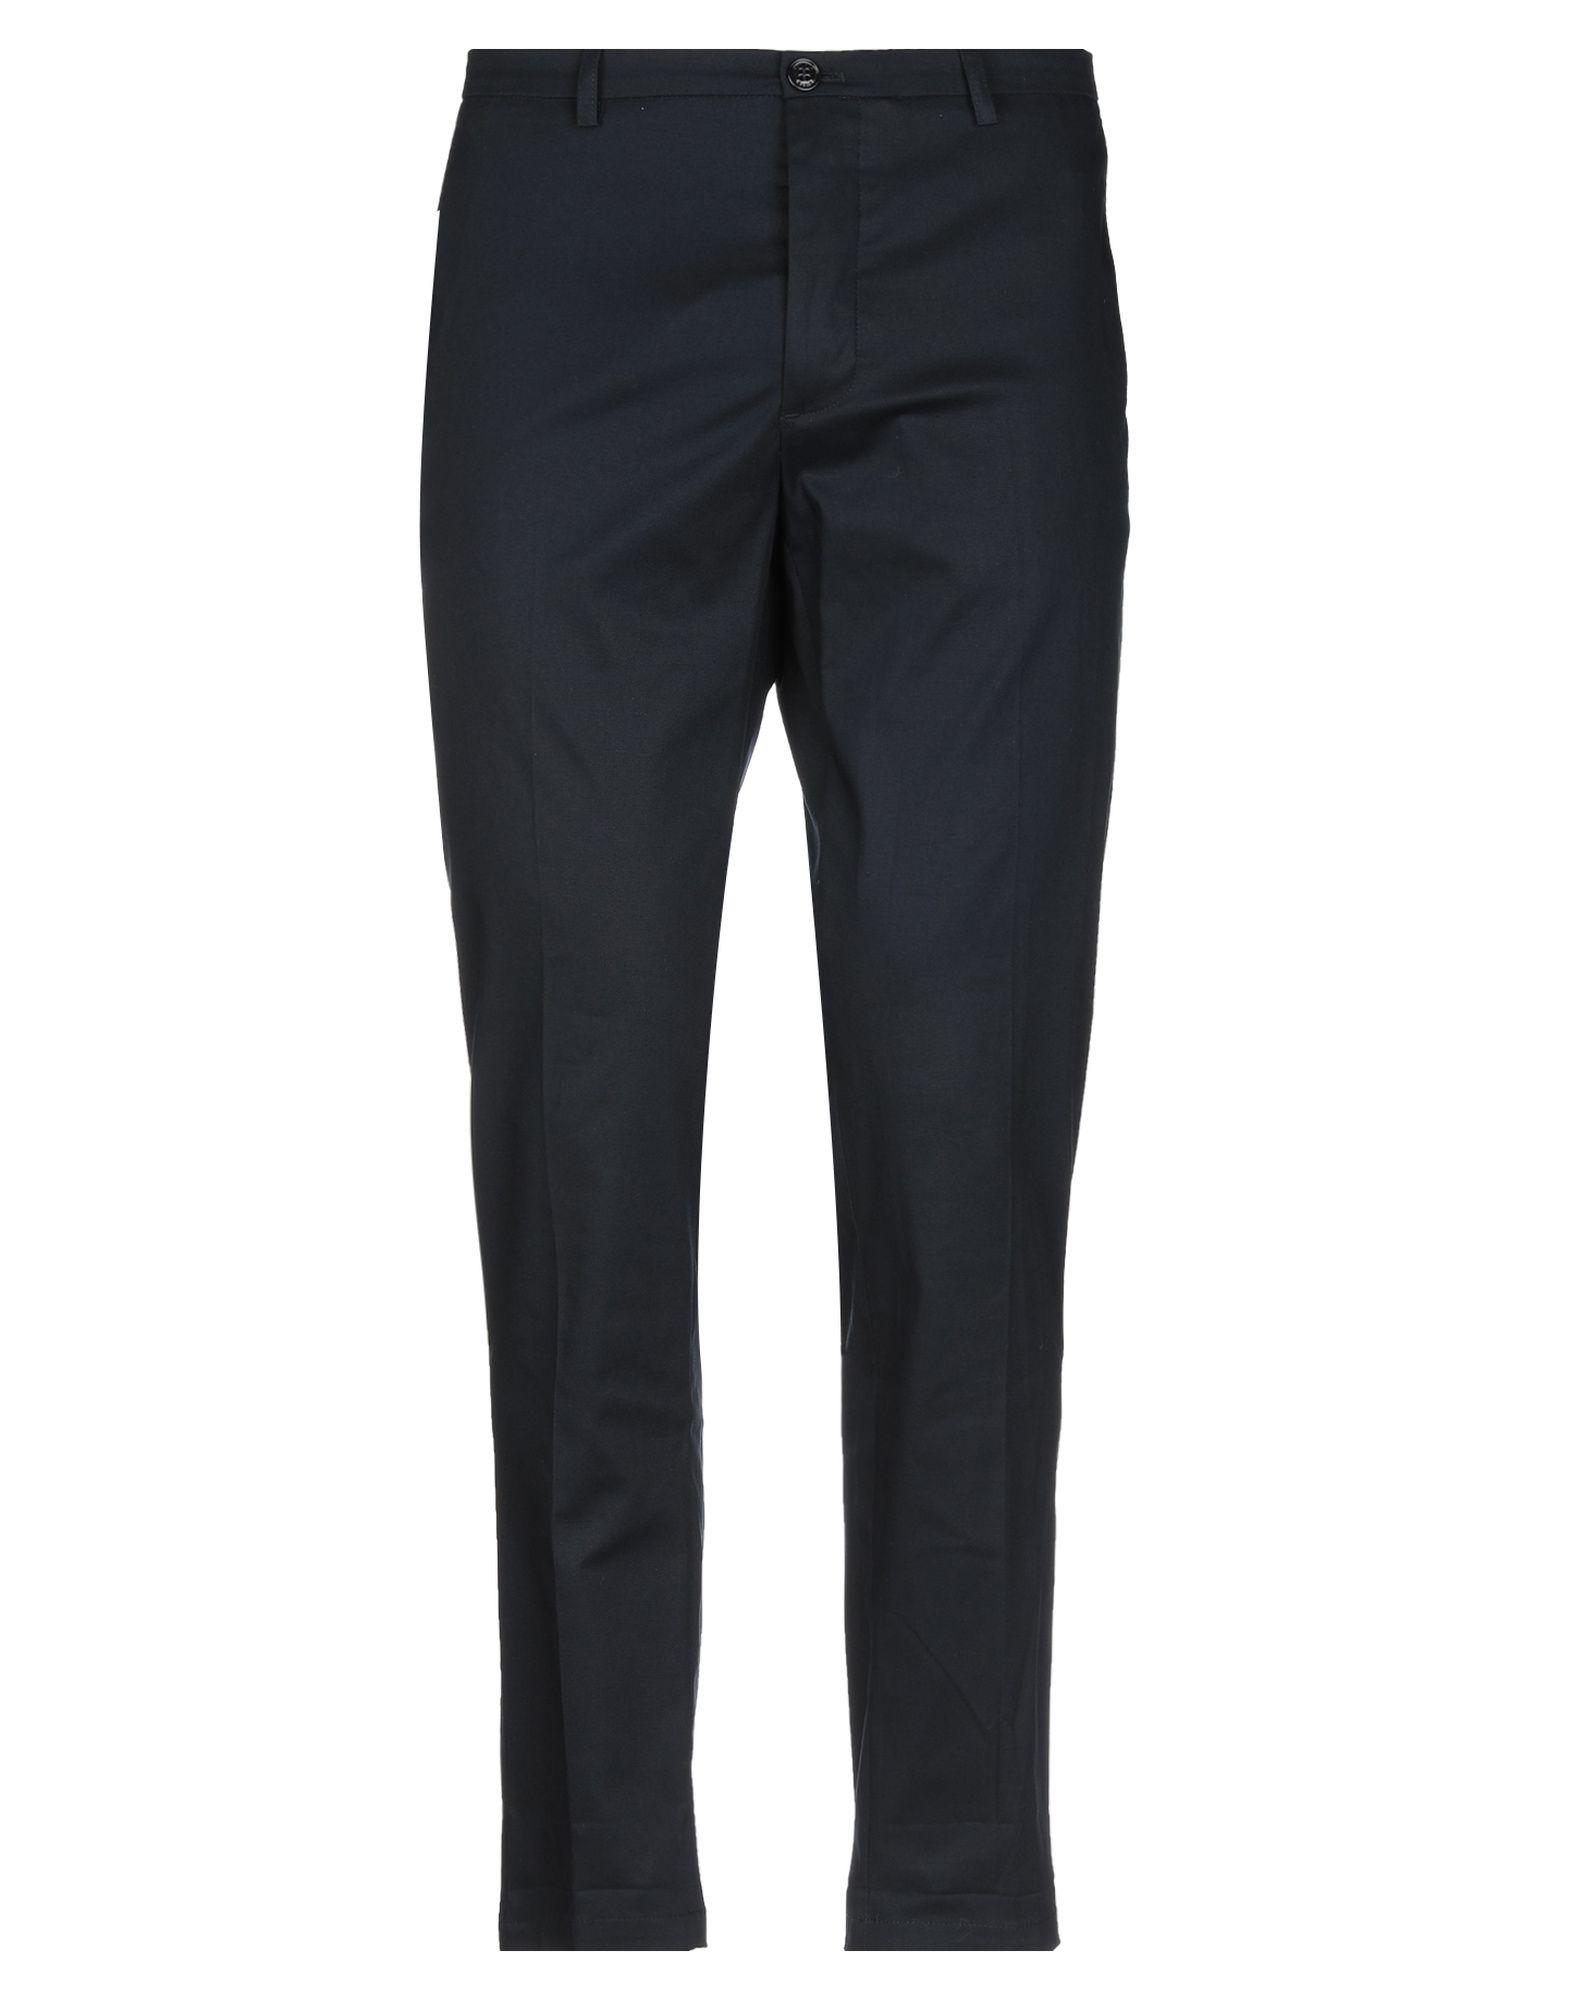 OBVIOUS BASIC Повседневные брюки костюм ширли gt basic